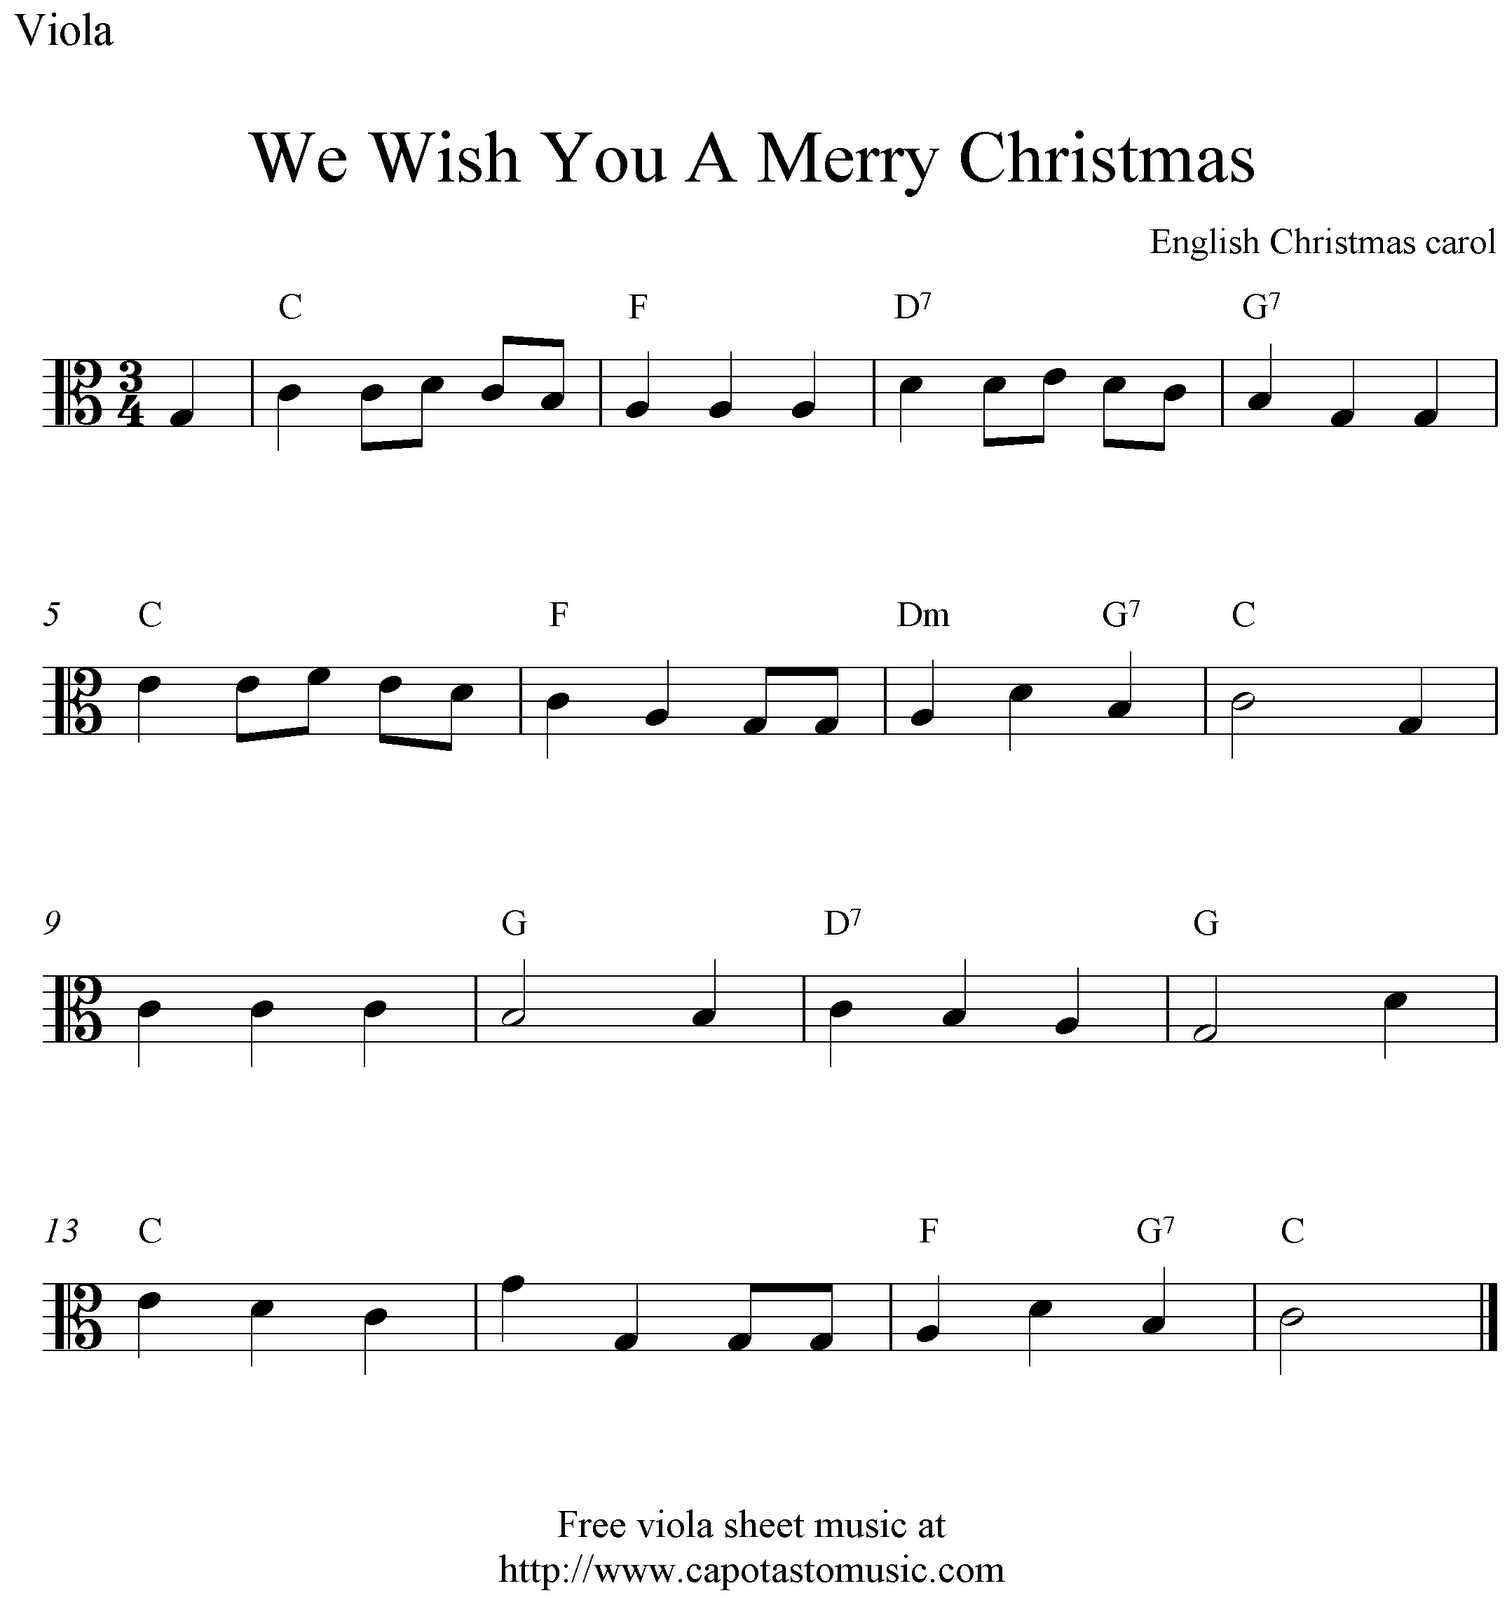 Viola Sheet Music for christmas | Free easy Christmas viola sheet ...